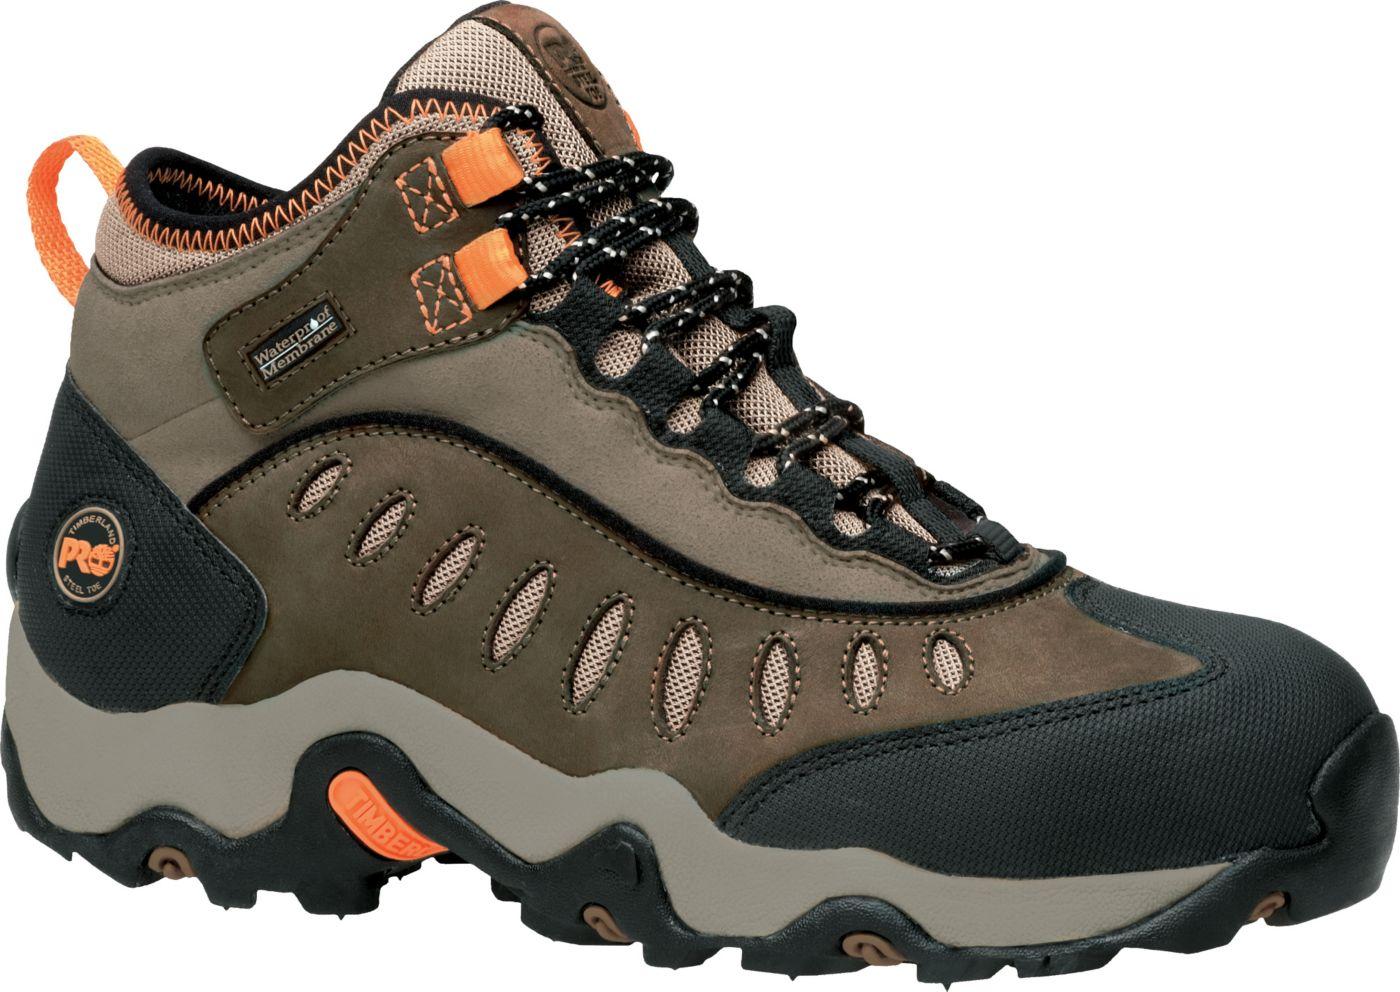 Timberland PRO Men's Mudslinger Mid Waterproof Steel Toe Work Boots